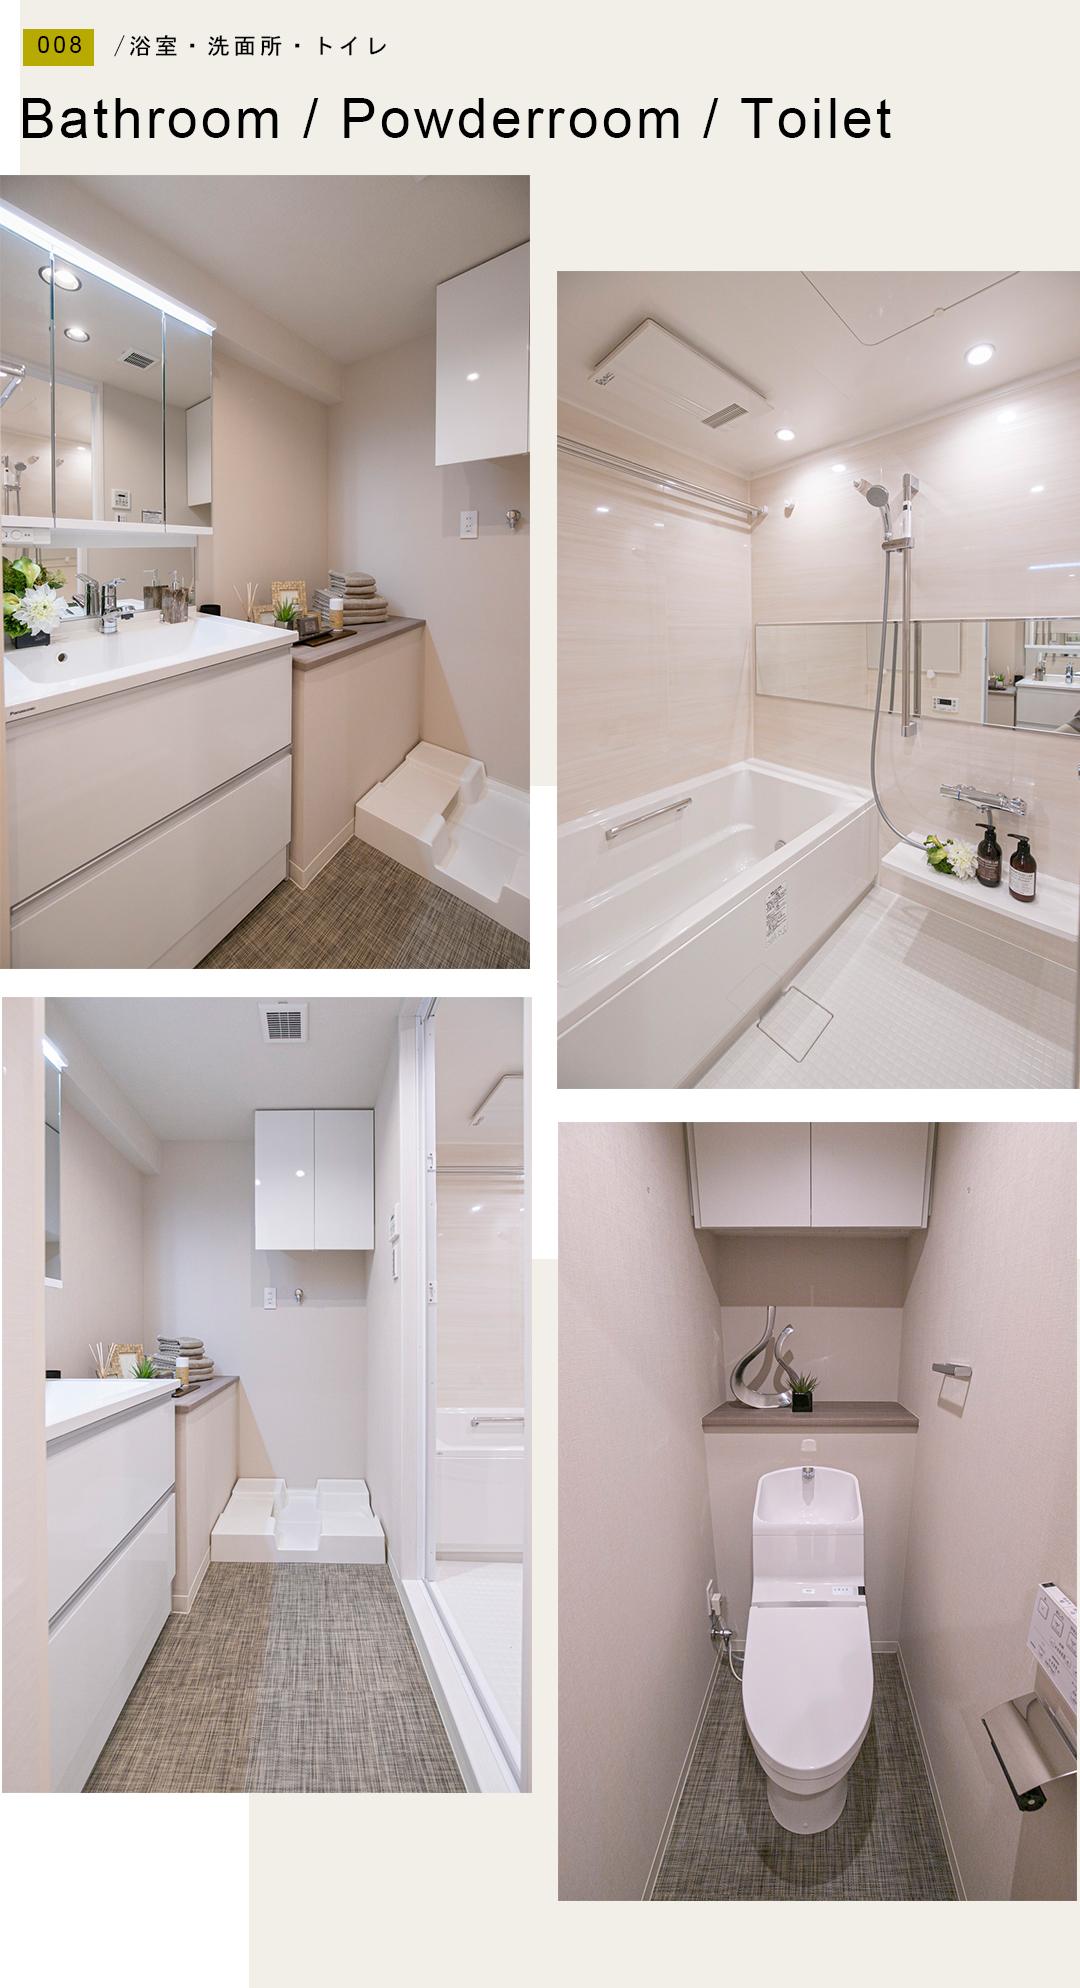 008,浴室,洗面所,トイレ,toilet,bathroom,powderroom